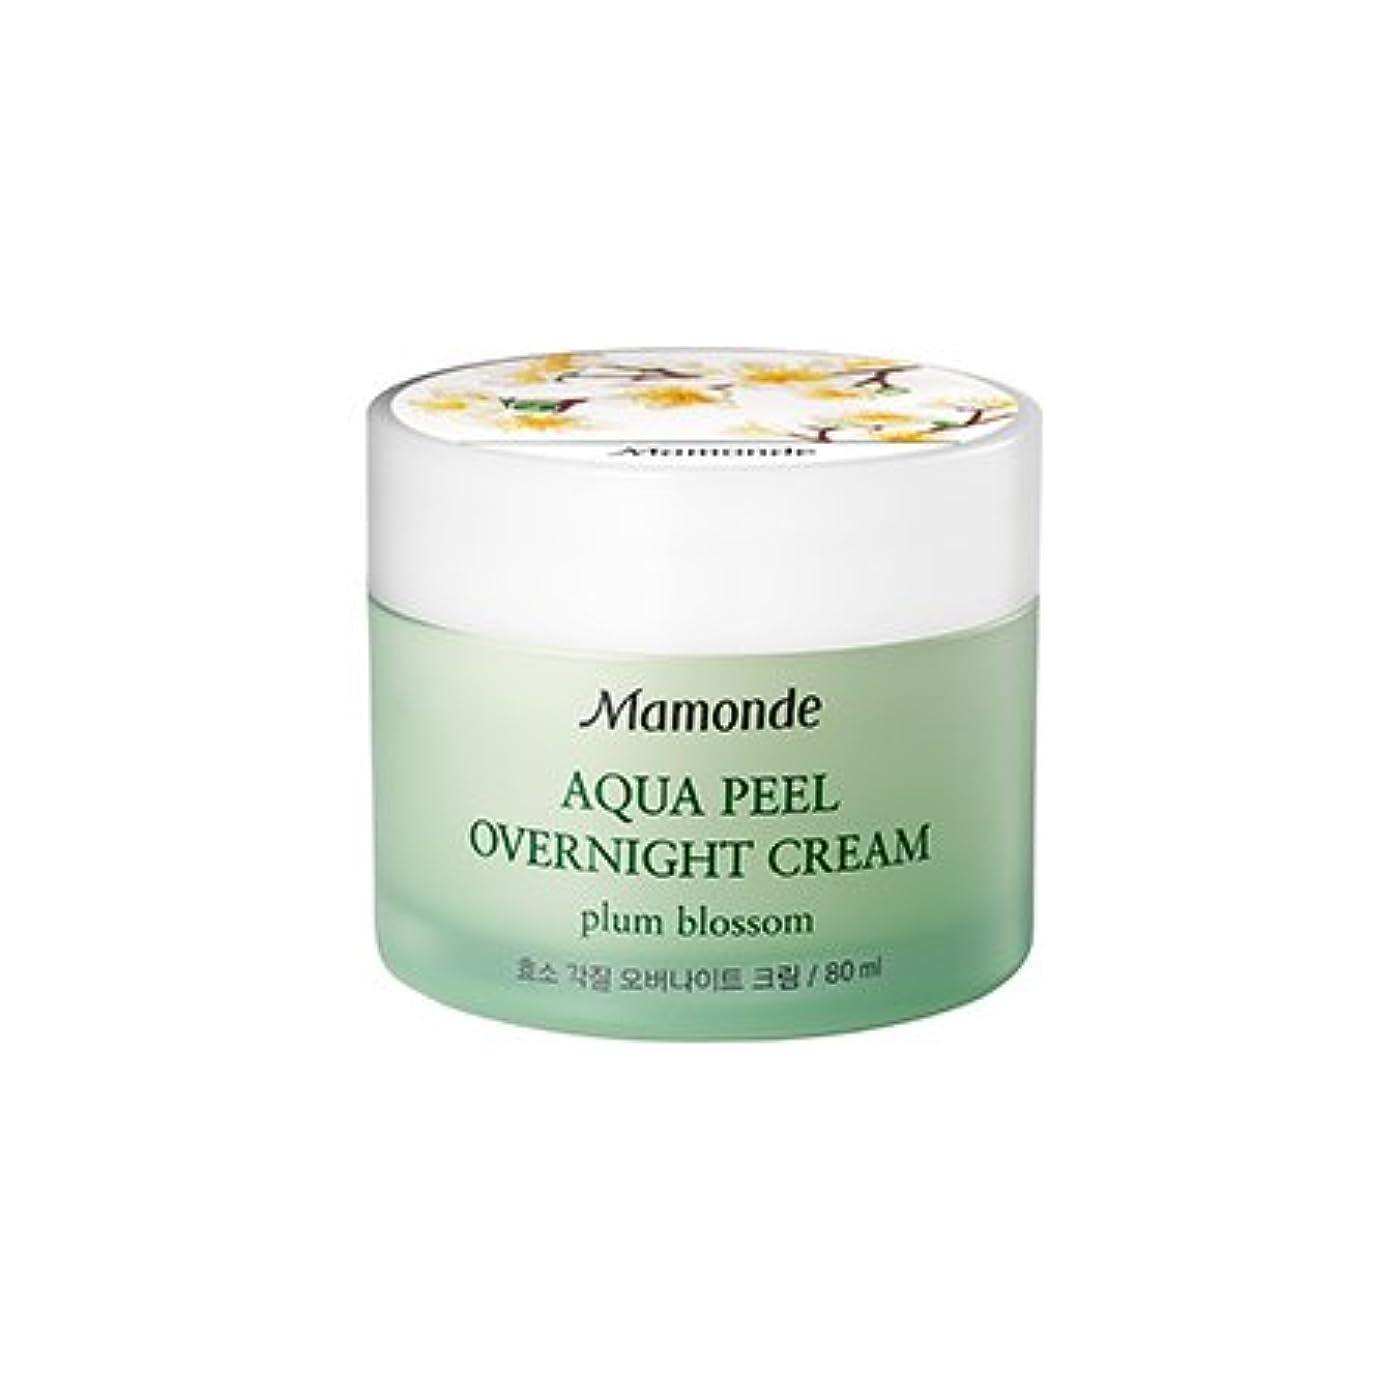 数学顕著傘Mamonde Aqua Peel Overnight Cream 80ml/マモンド アクア ピール オーバーナイト クリーム 80ml [並行輸入品]